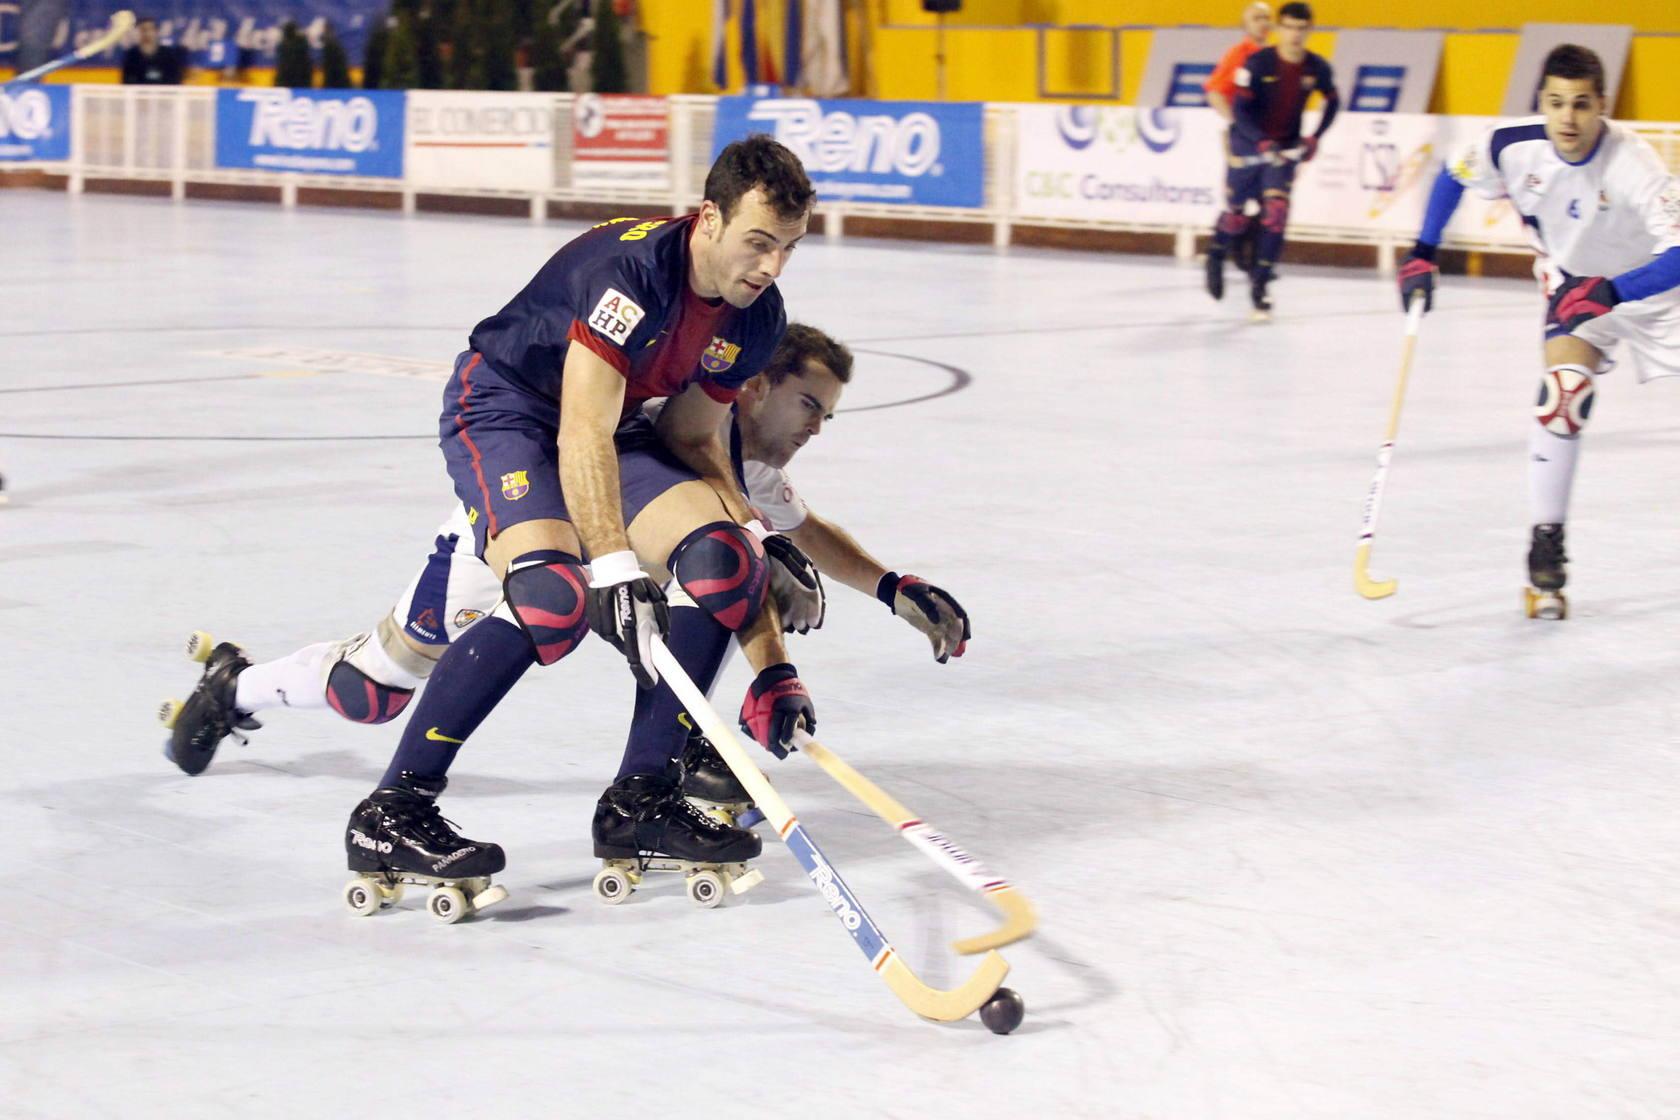 Segunda jornada de la Copa del Rey de hockey en Oviedo.